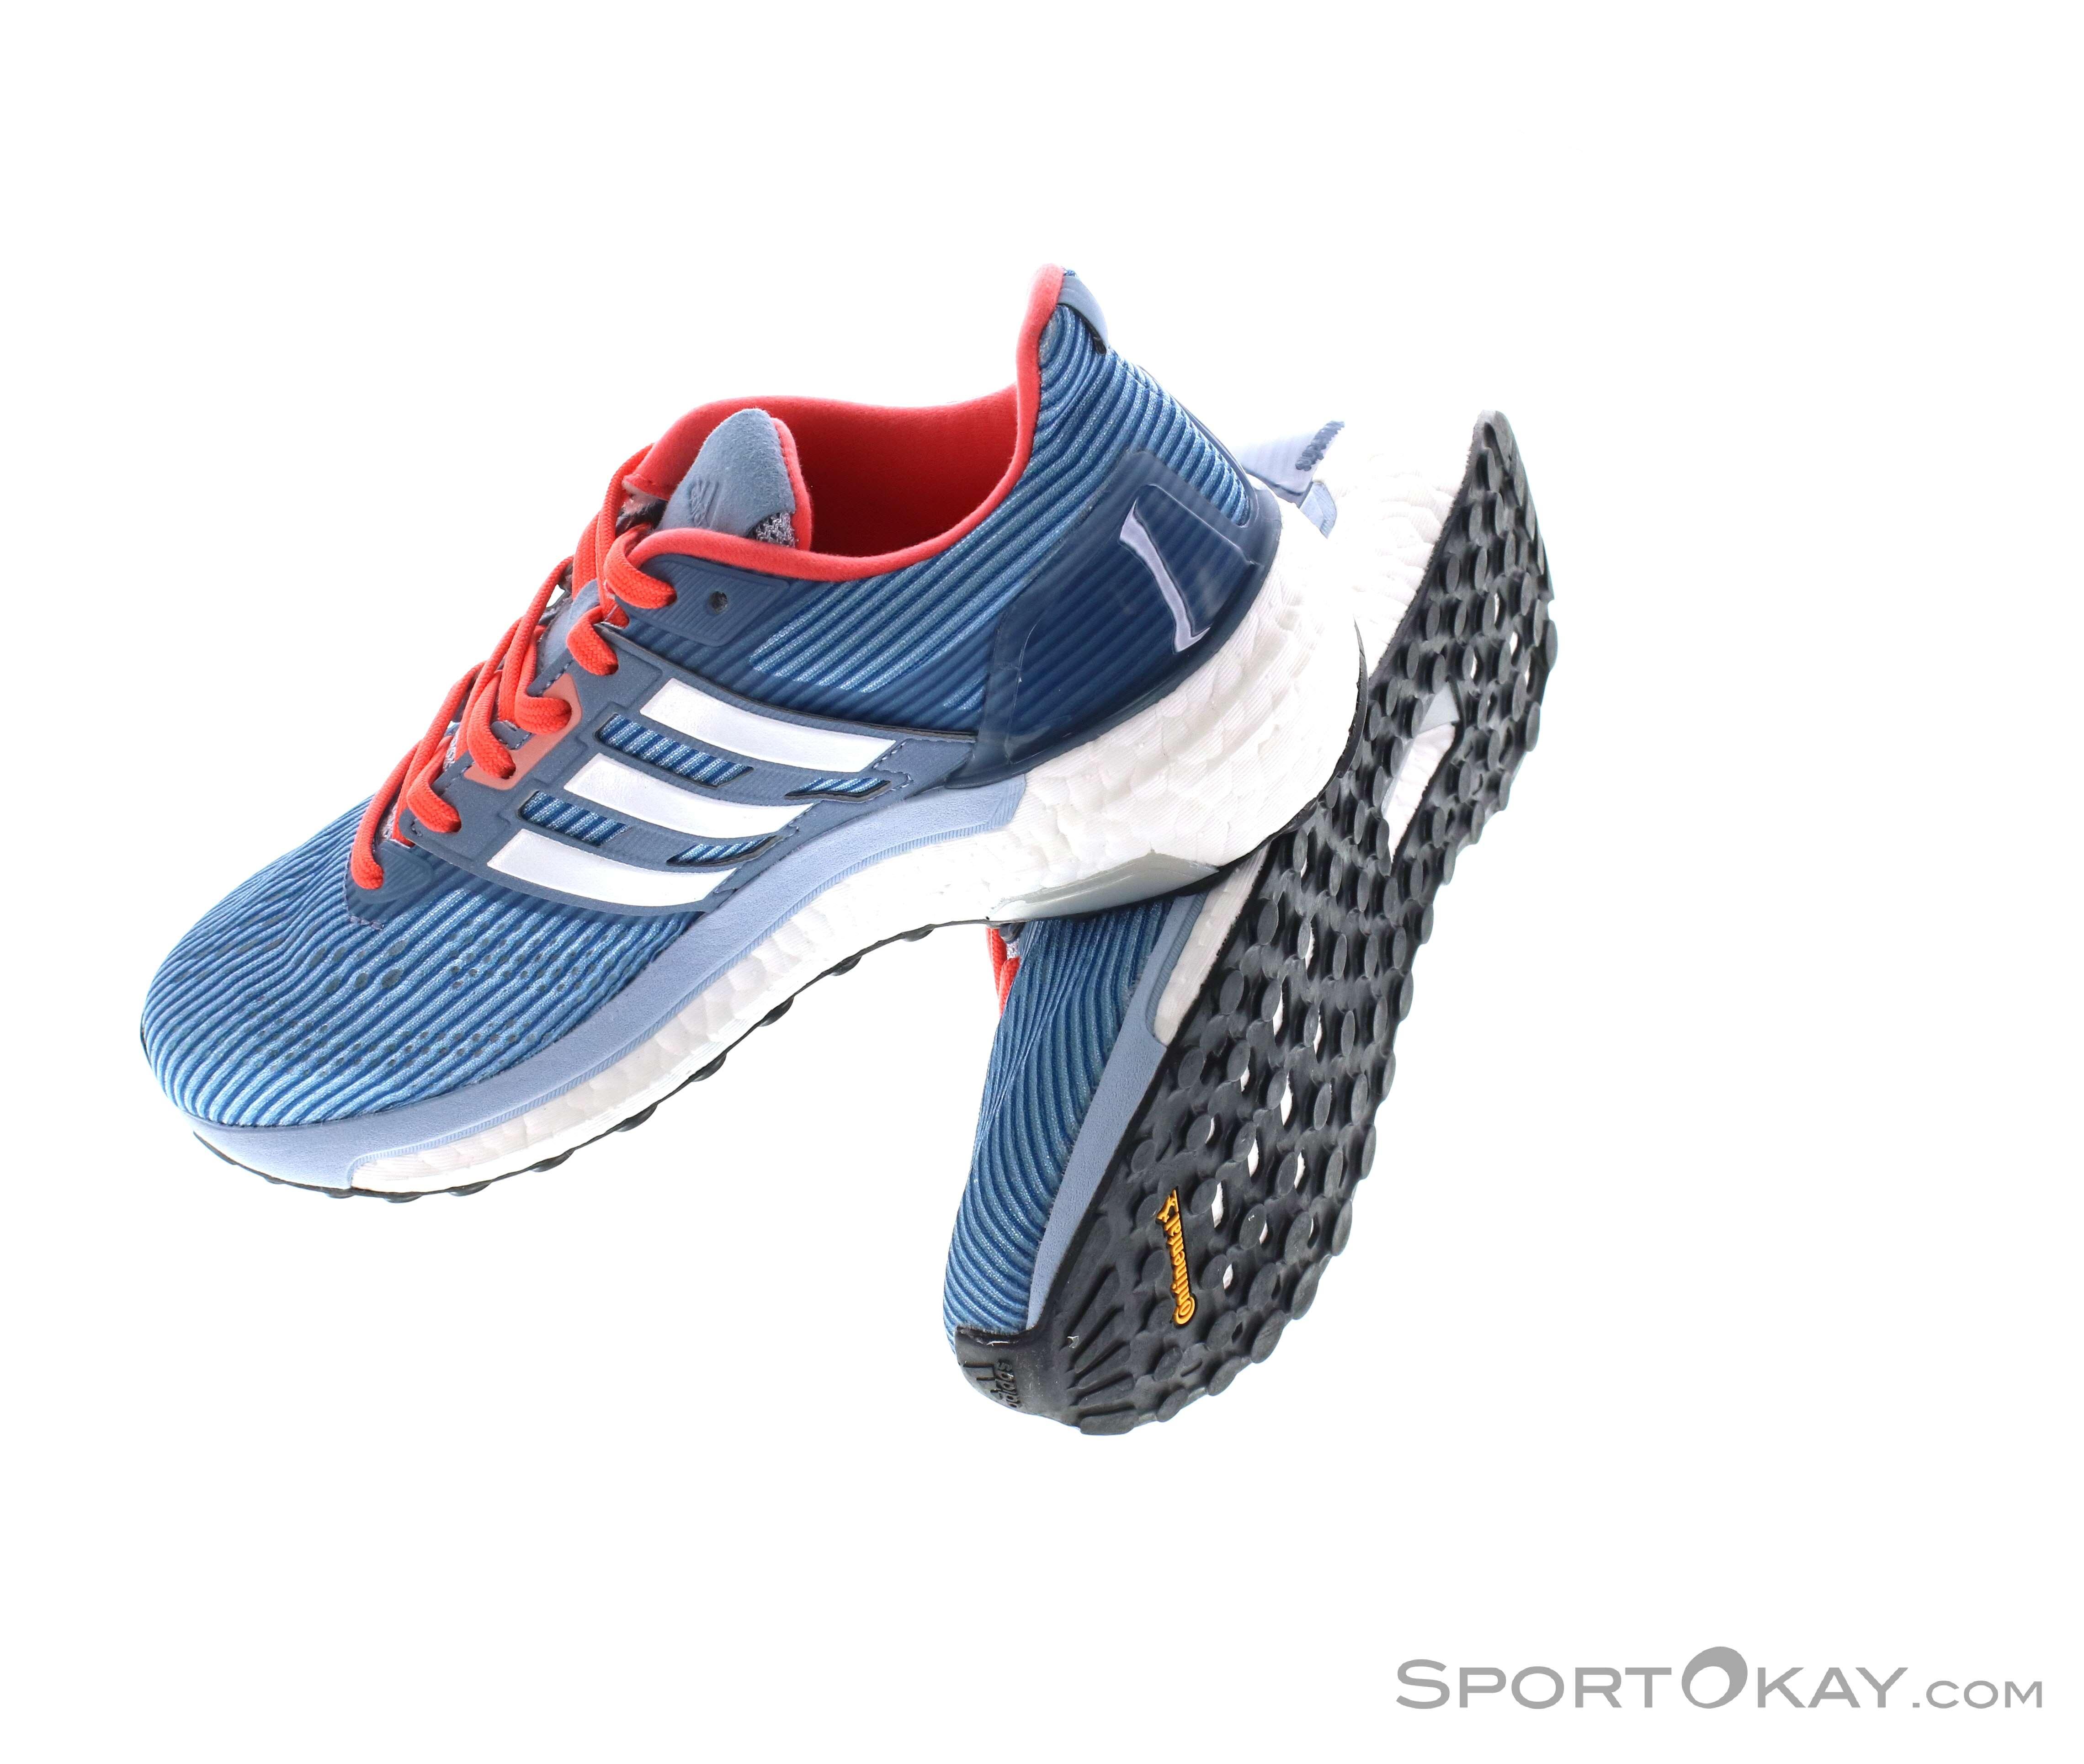 ADIDAS SUPERNOVA W 2017 Damen Laufschuhe Running Schuhe